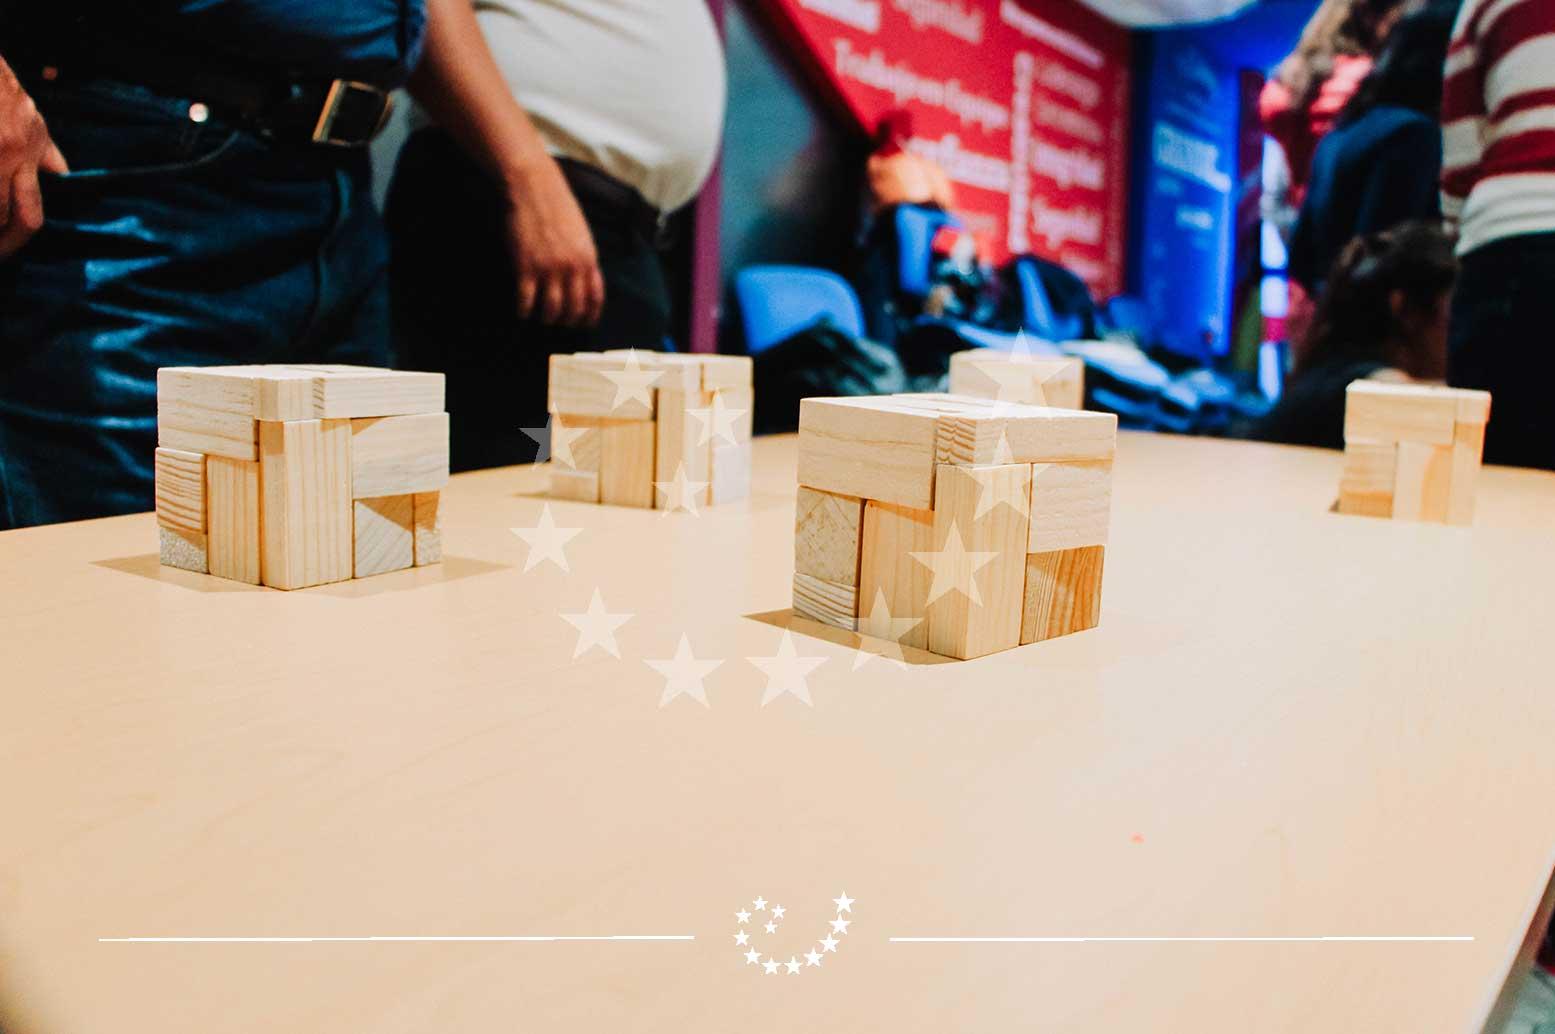 simulacro-de-comunicacion-y-team-building-de-integracion-9